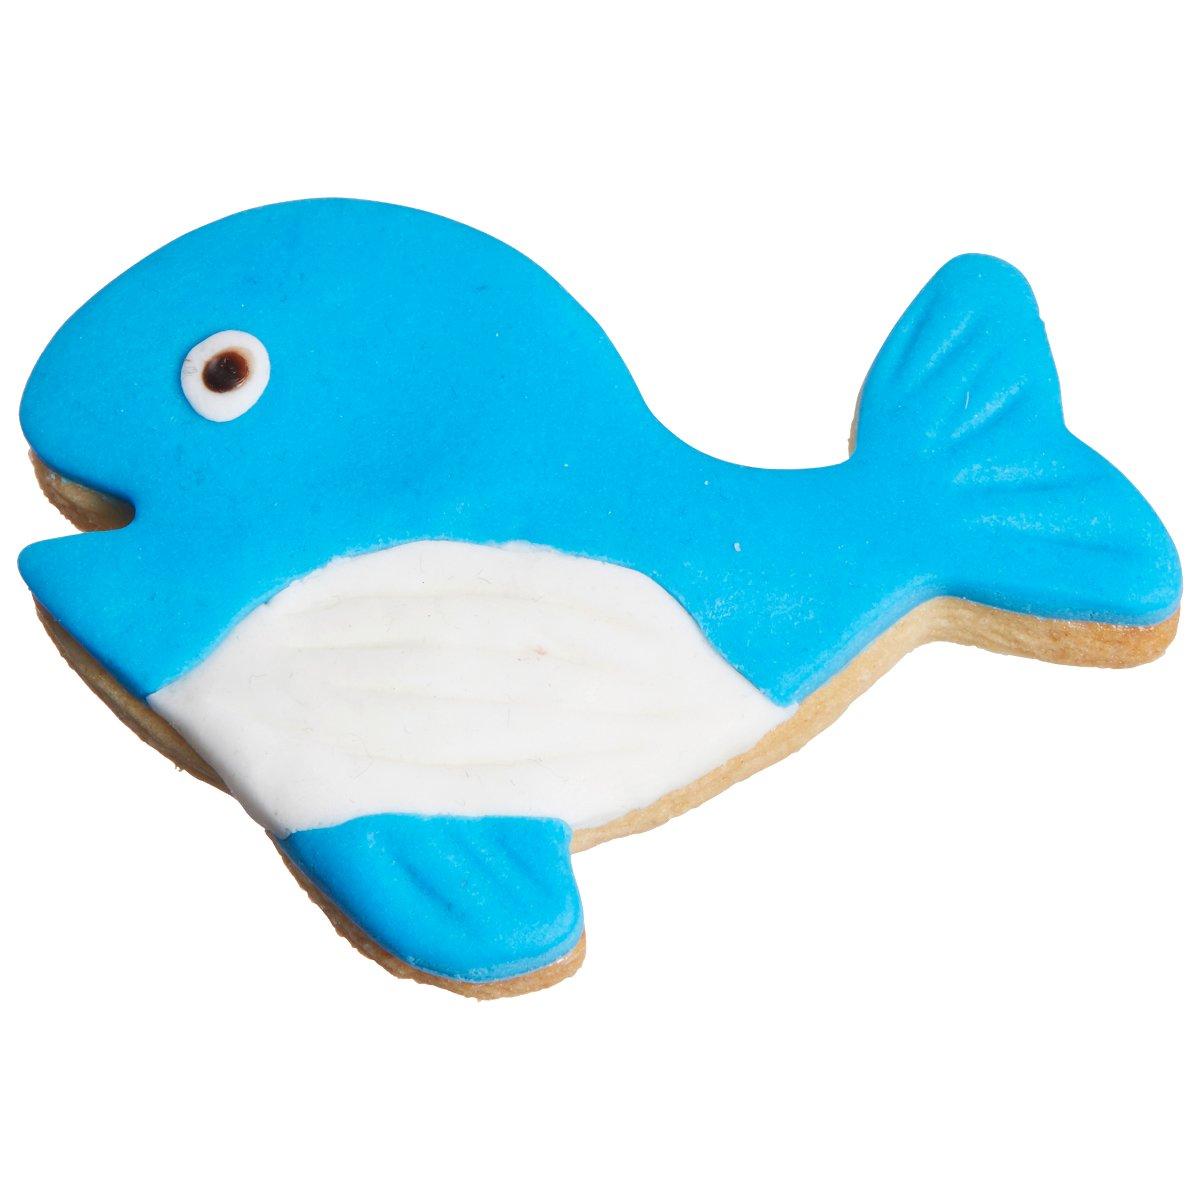 Κουπάτ ανοξείδωτο φάλαινα